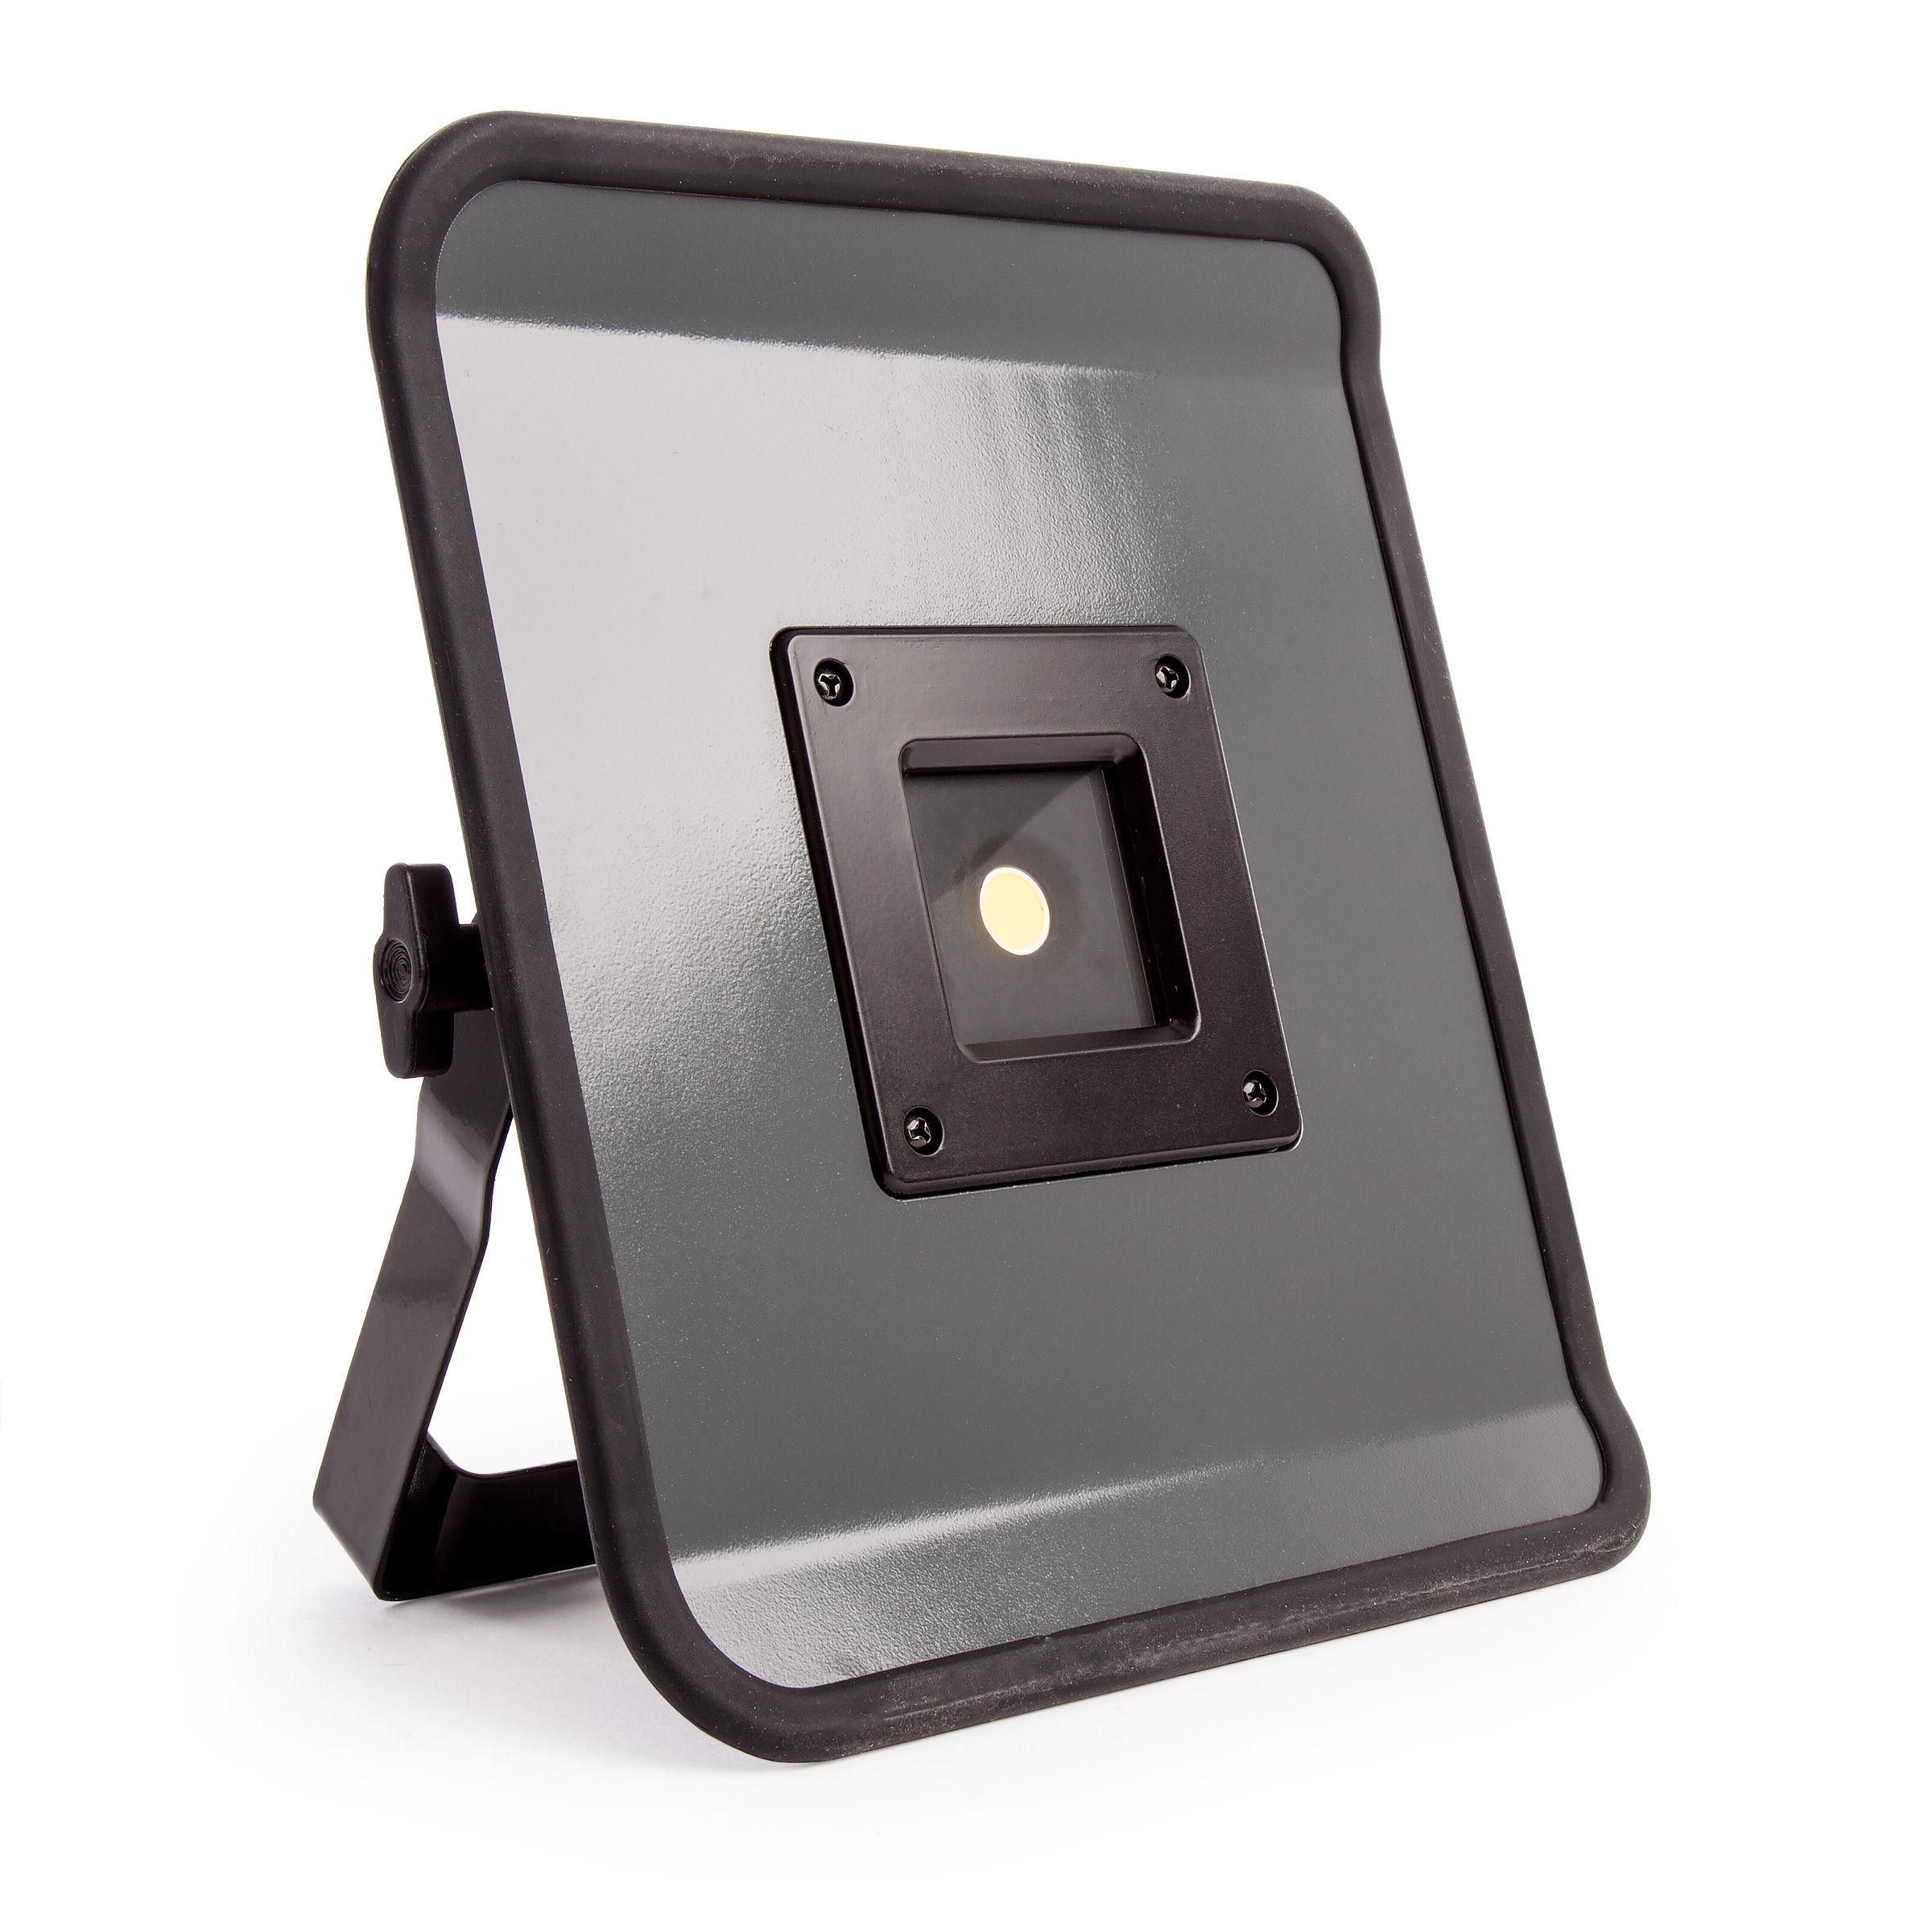 Socket Led Mobile Brennenstuhl With Compact 30w 1171333302 240v Lamp NnOk8ZwX0P